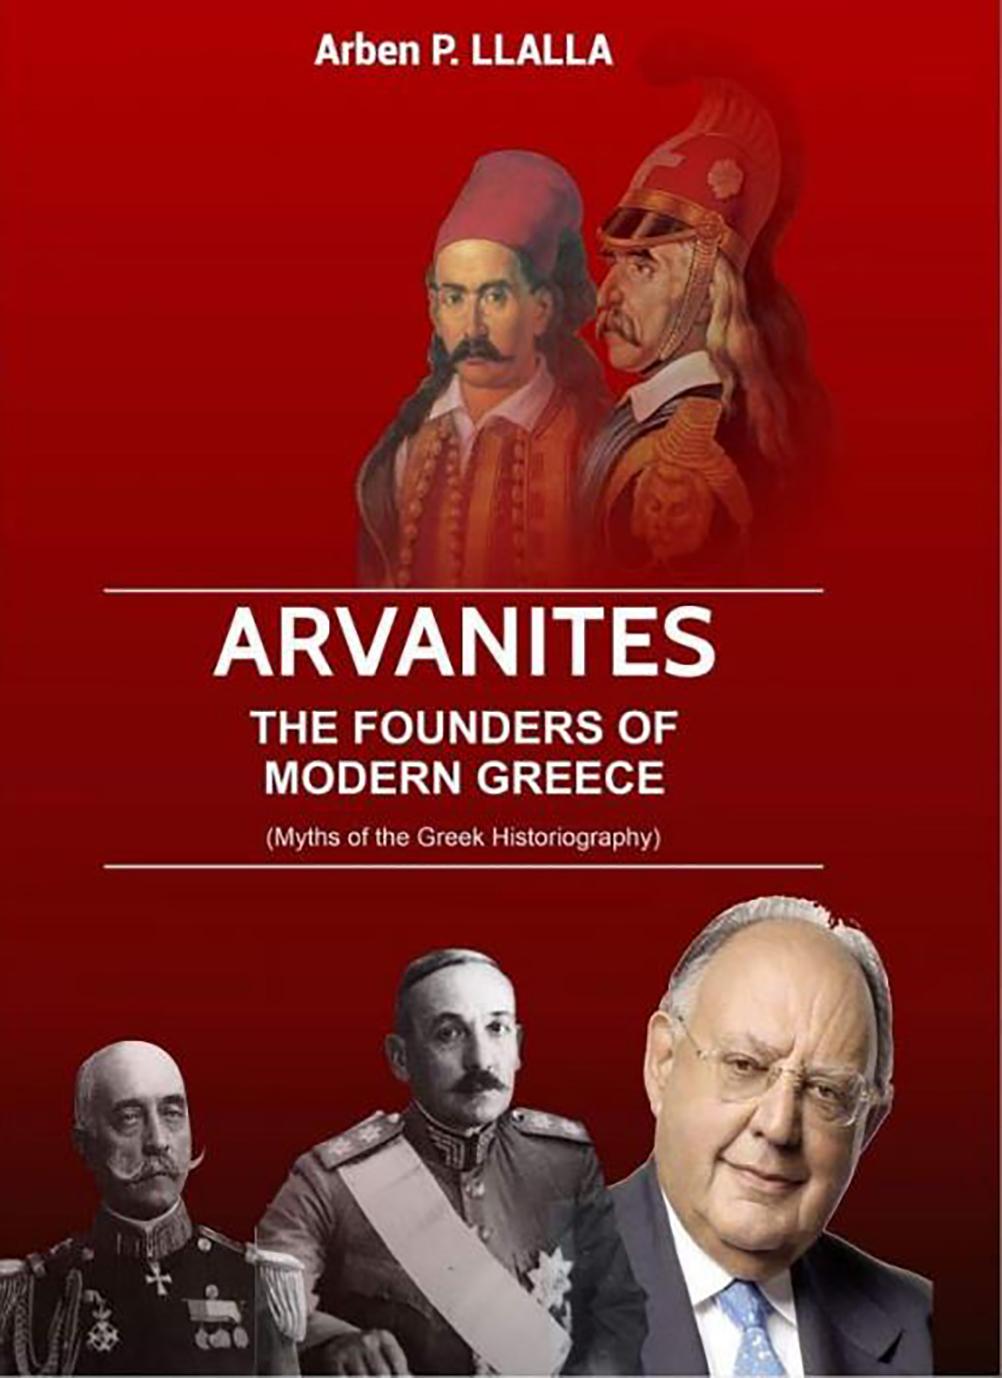 Αλβανός Ιστορικός: Οι θεοί του Ολύμπου ήταν Αλβανοί